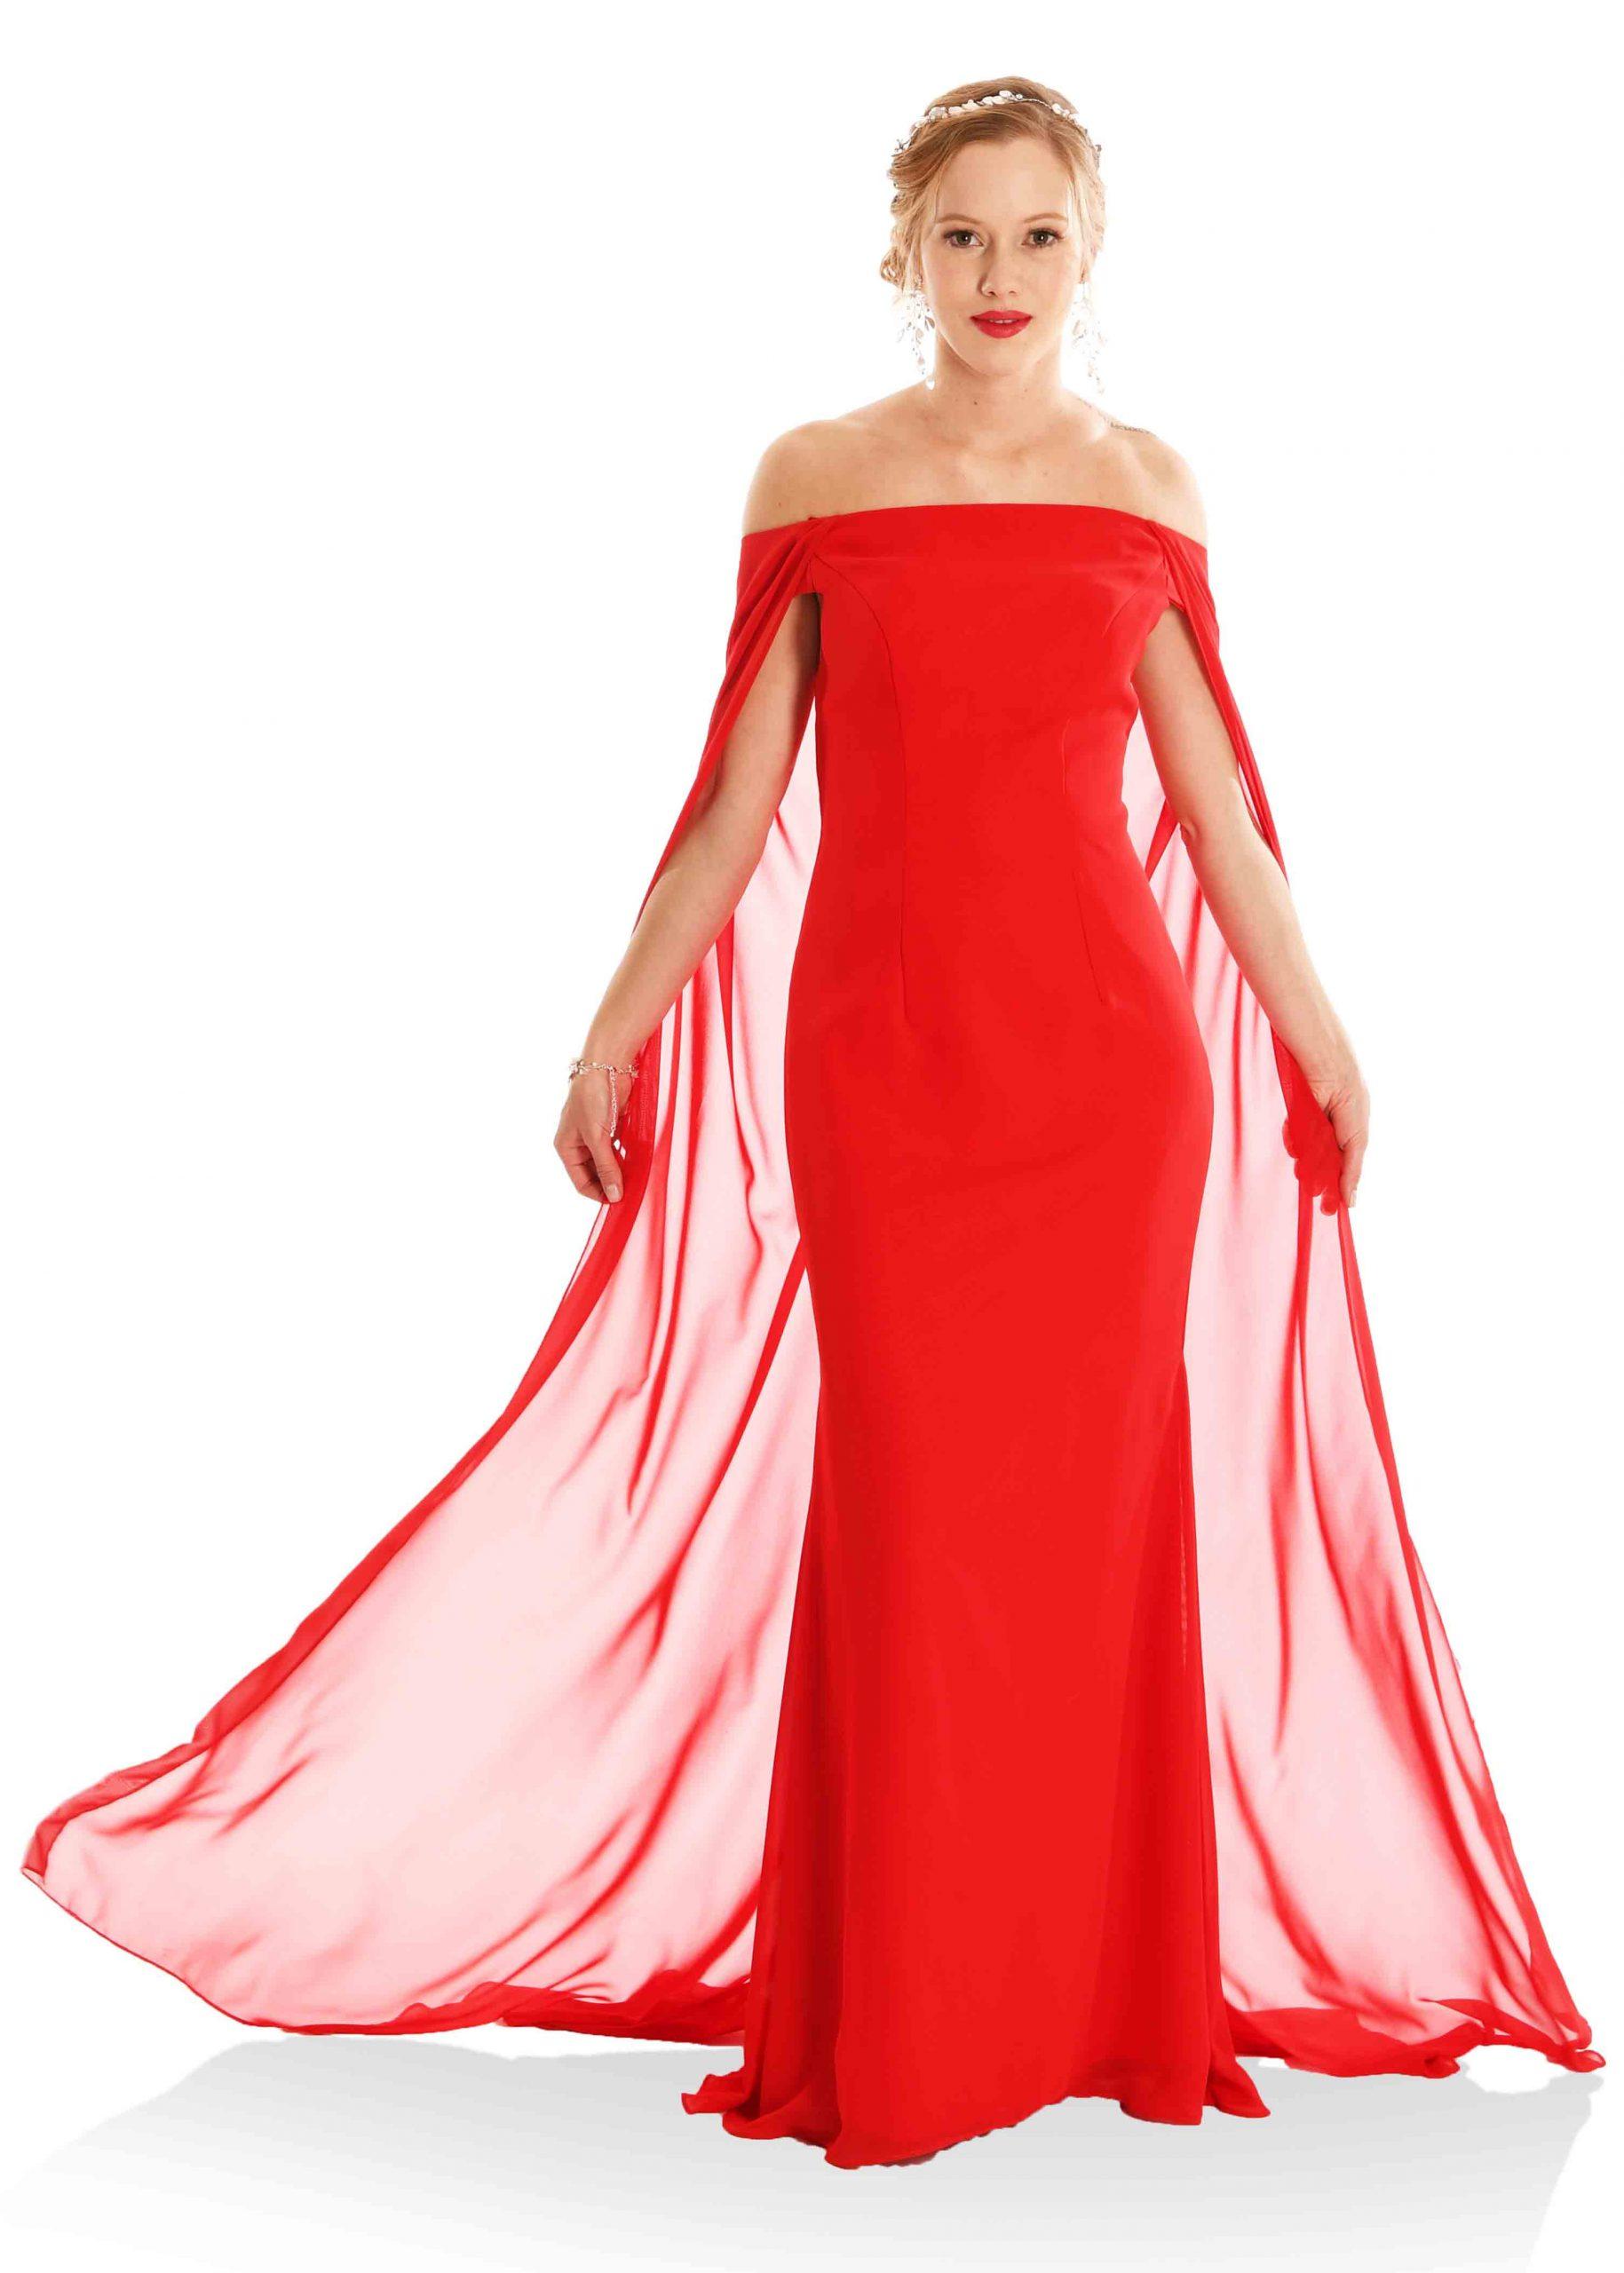 17 Top Festliche Abendbekleidung Damen DesignAbend Cool Festliche Abendbekleidung Damen Design